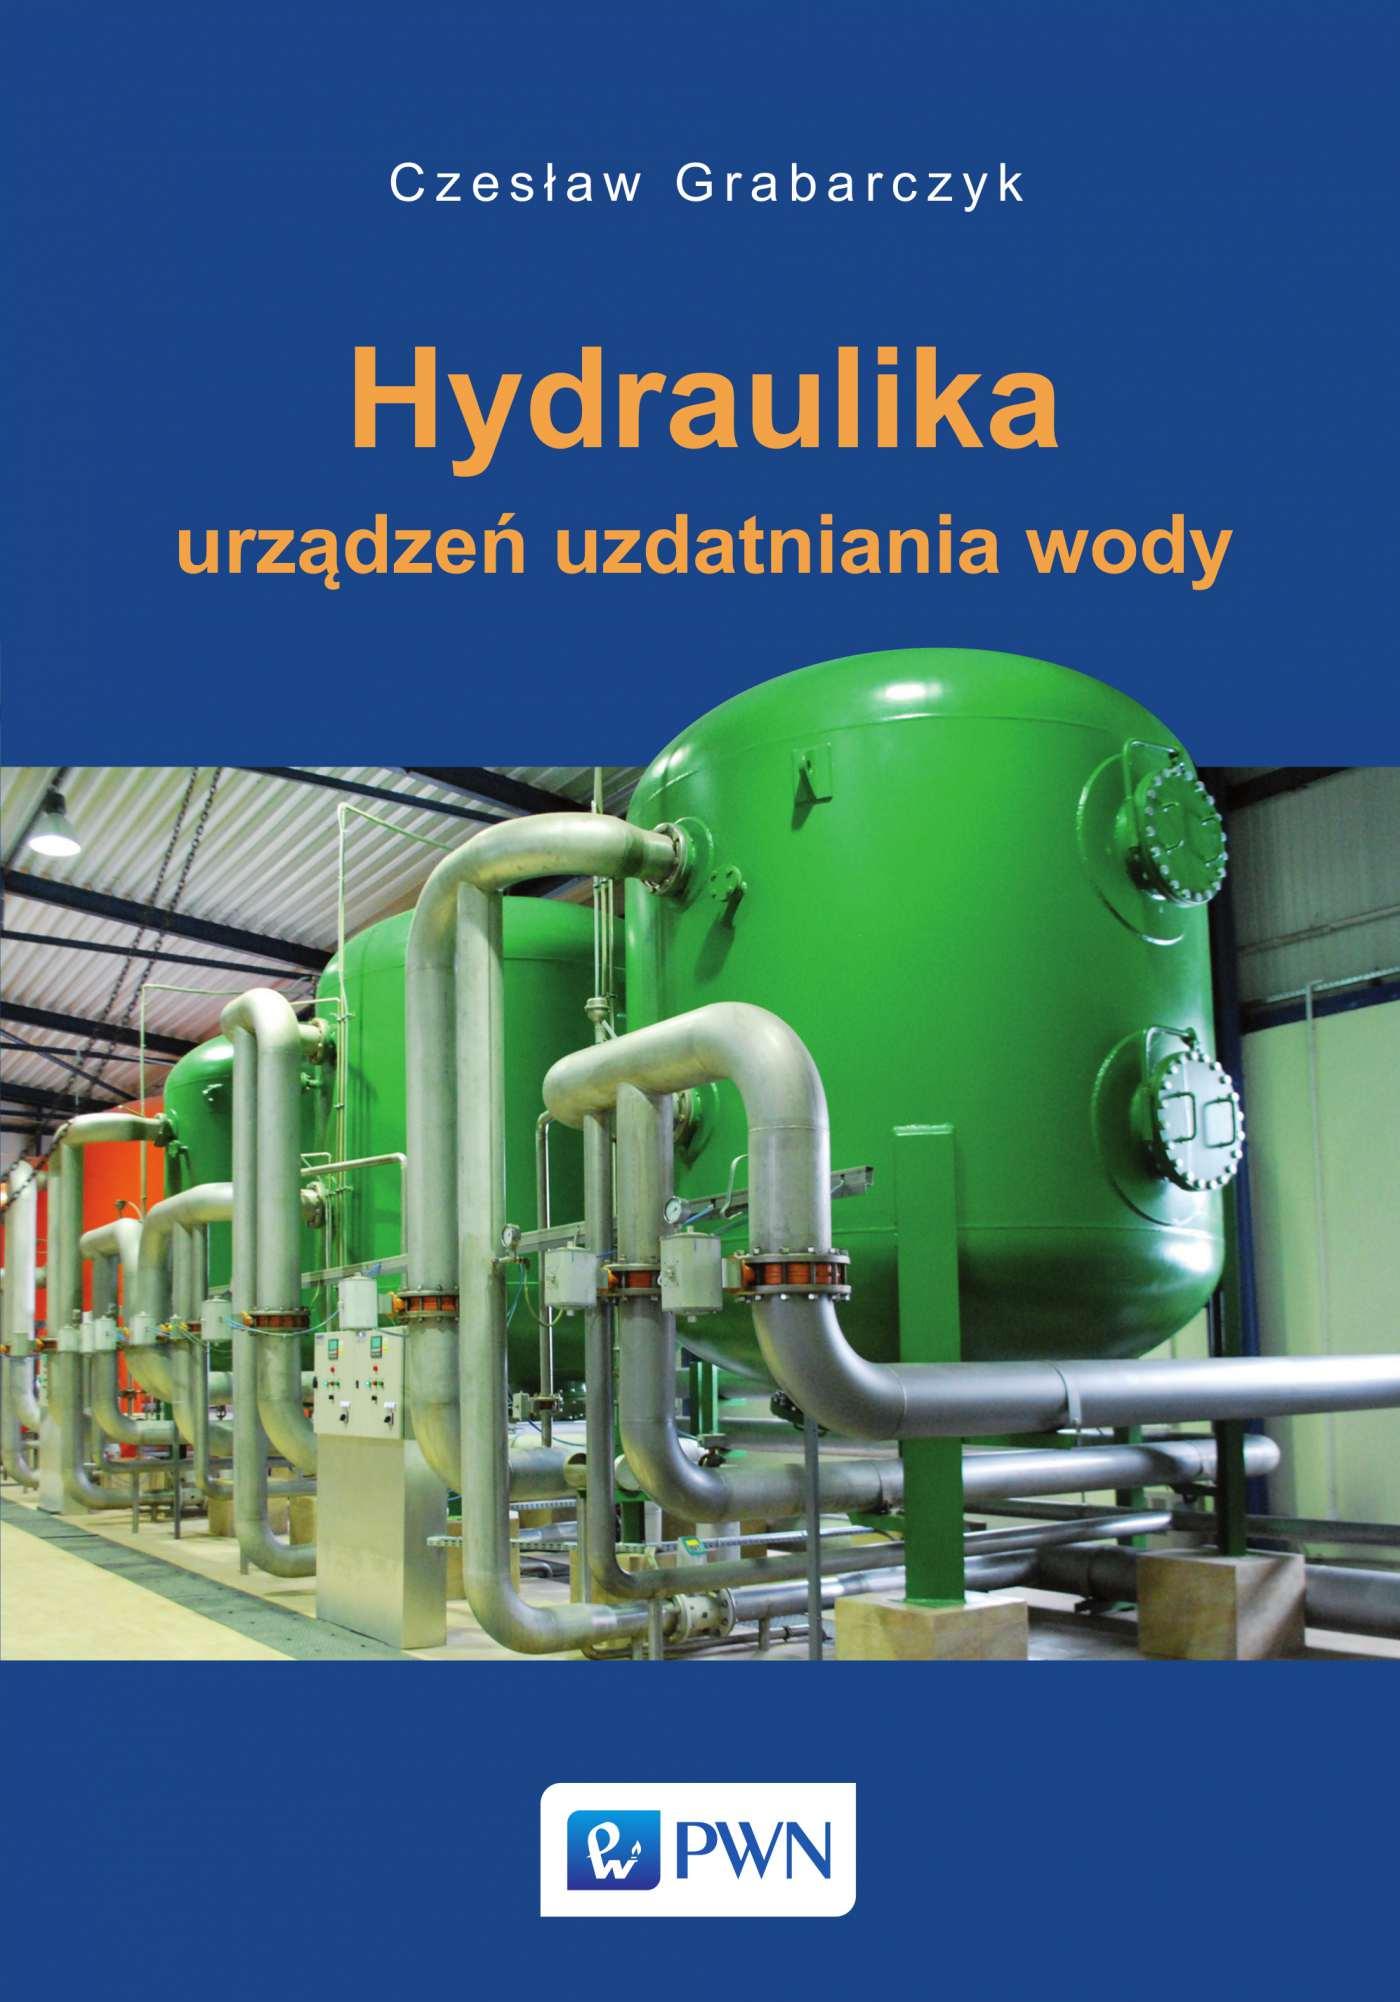 Hydraulika urządzeń uzdatniania wody - Ebook (Książka na Kindle) do pobrania w formacie MOBI